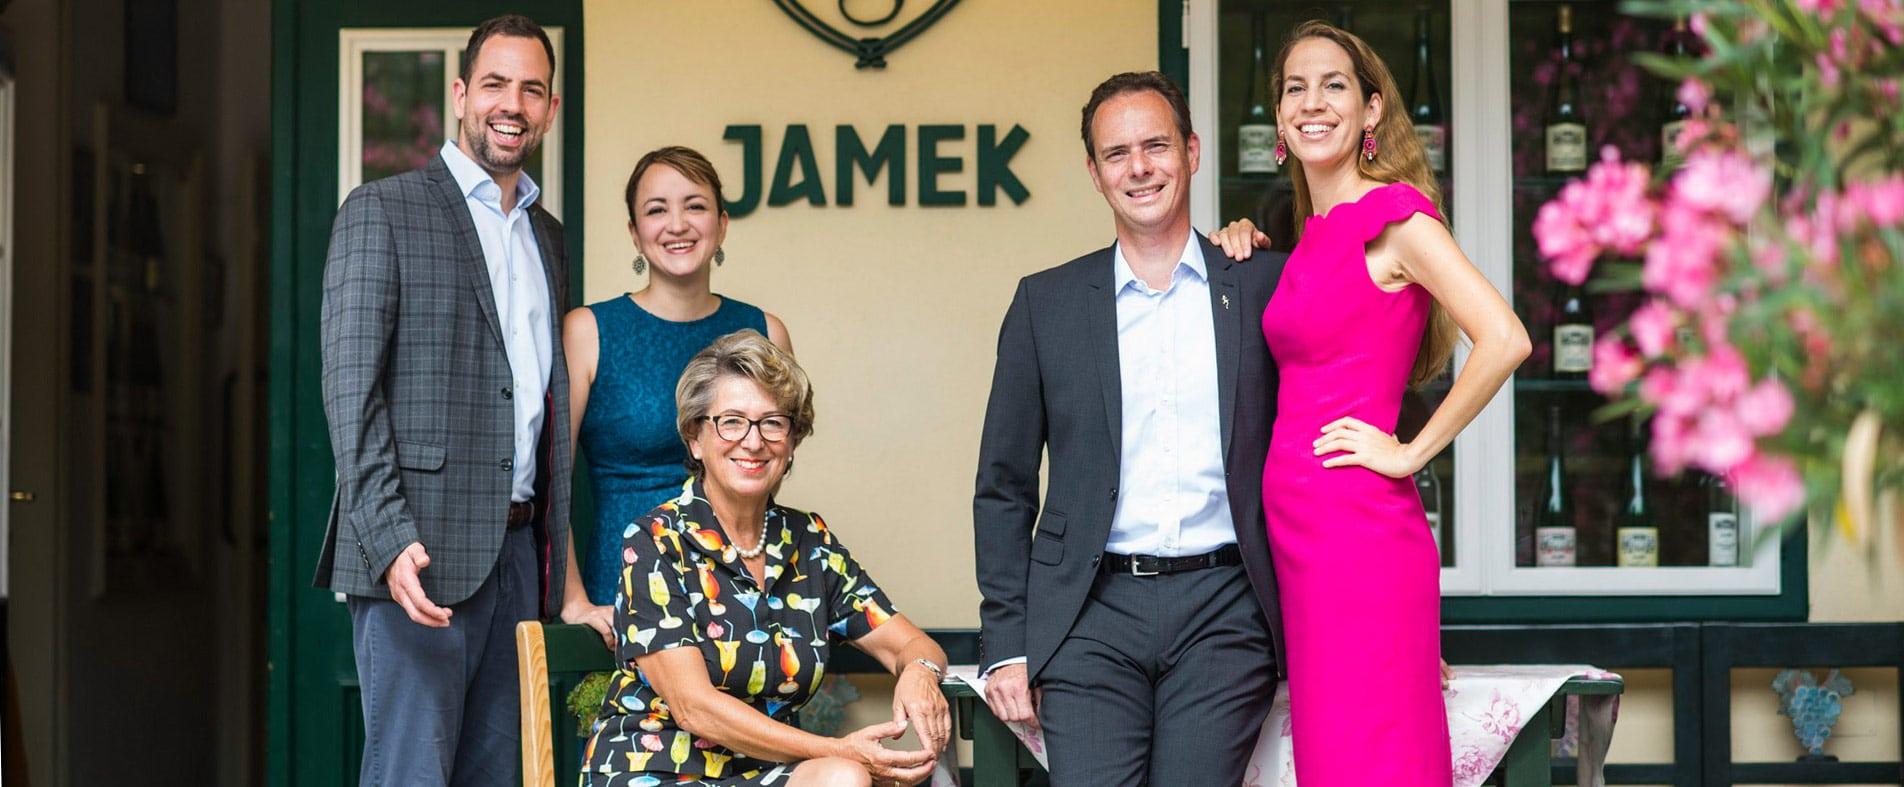 Famile Jamek